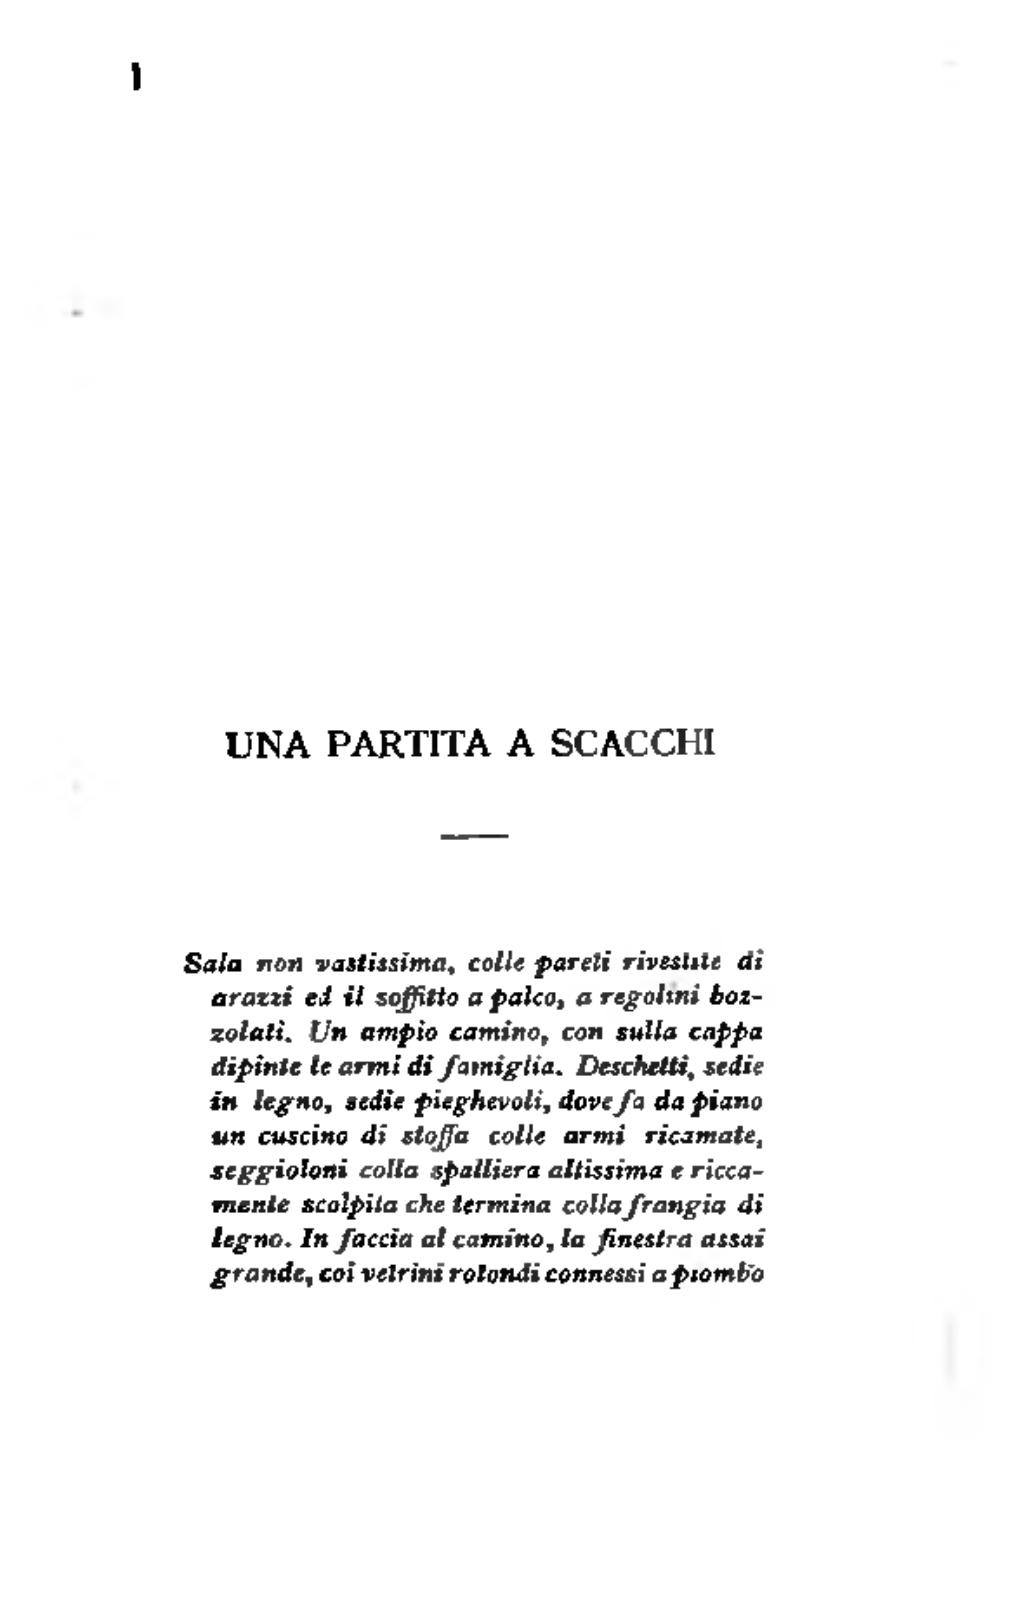 Colla Per Sedie In Legno.Pagina Teatro In Versi Giacosa I Djvu 23 Wikisource